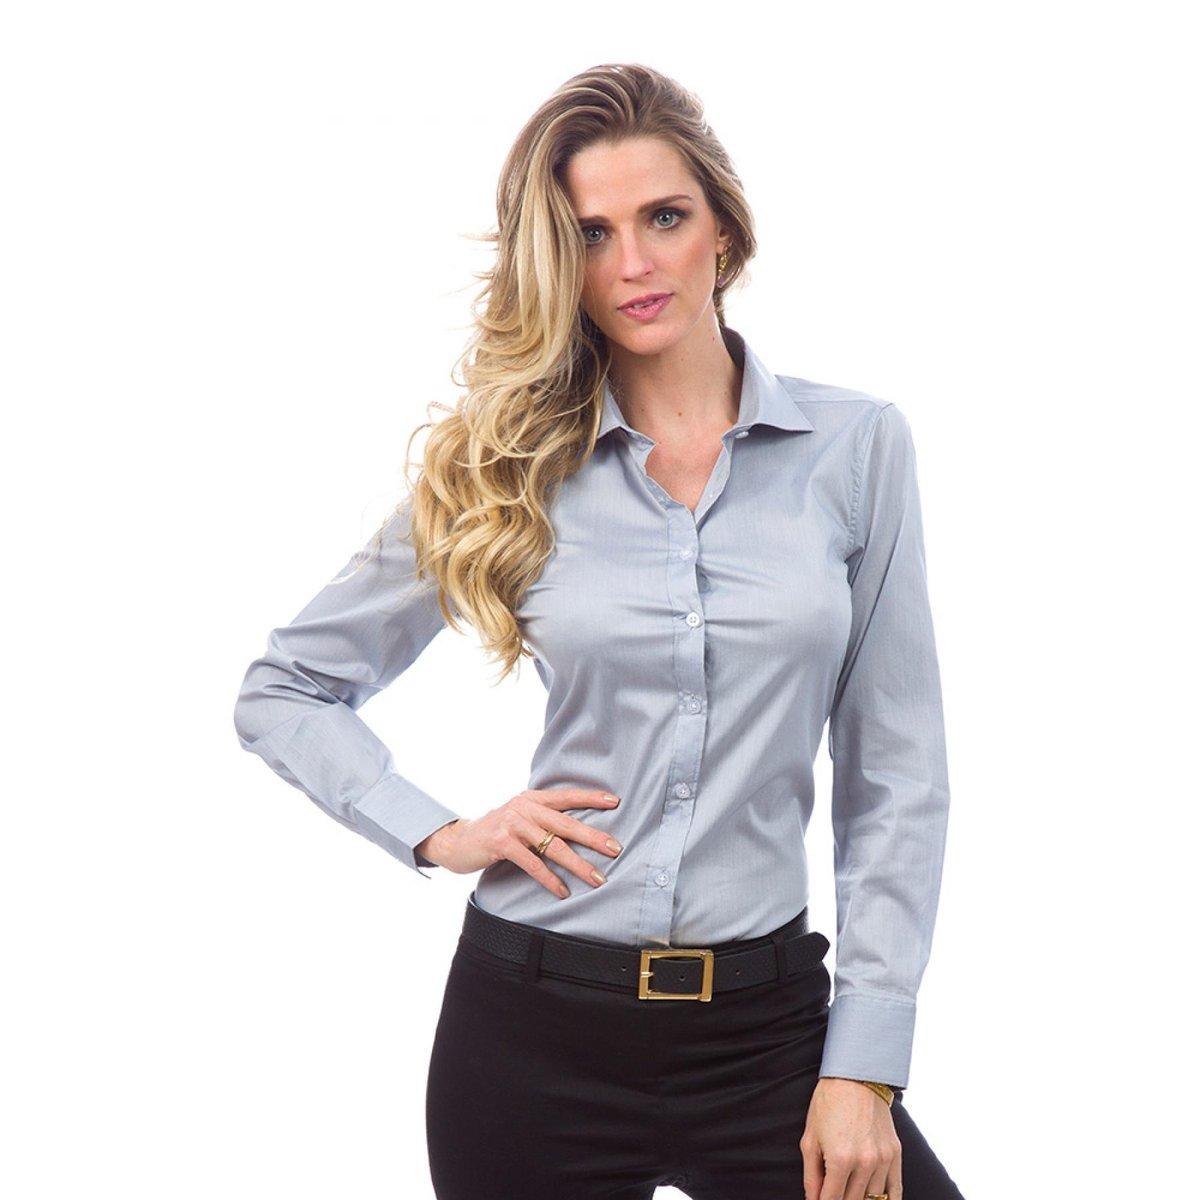 c0bfefbec2c71 Camisa Social Lisa Feminino - Compre Agora